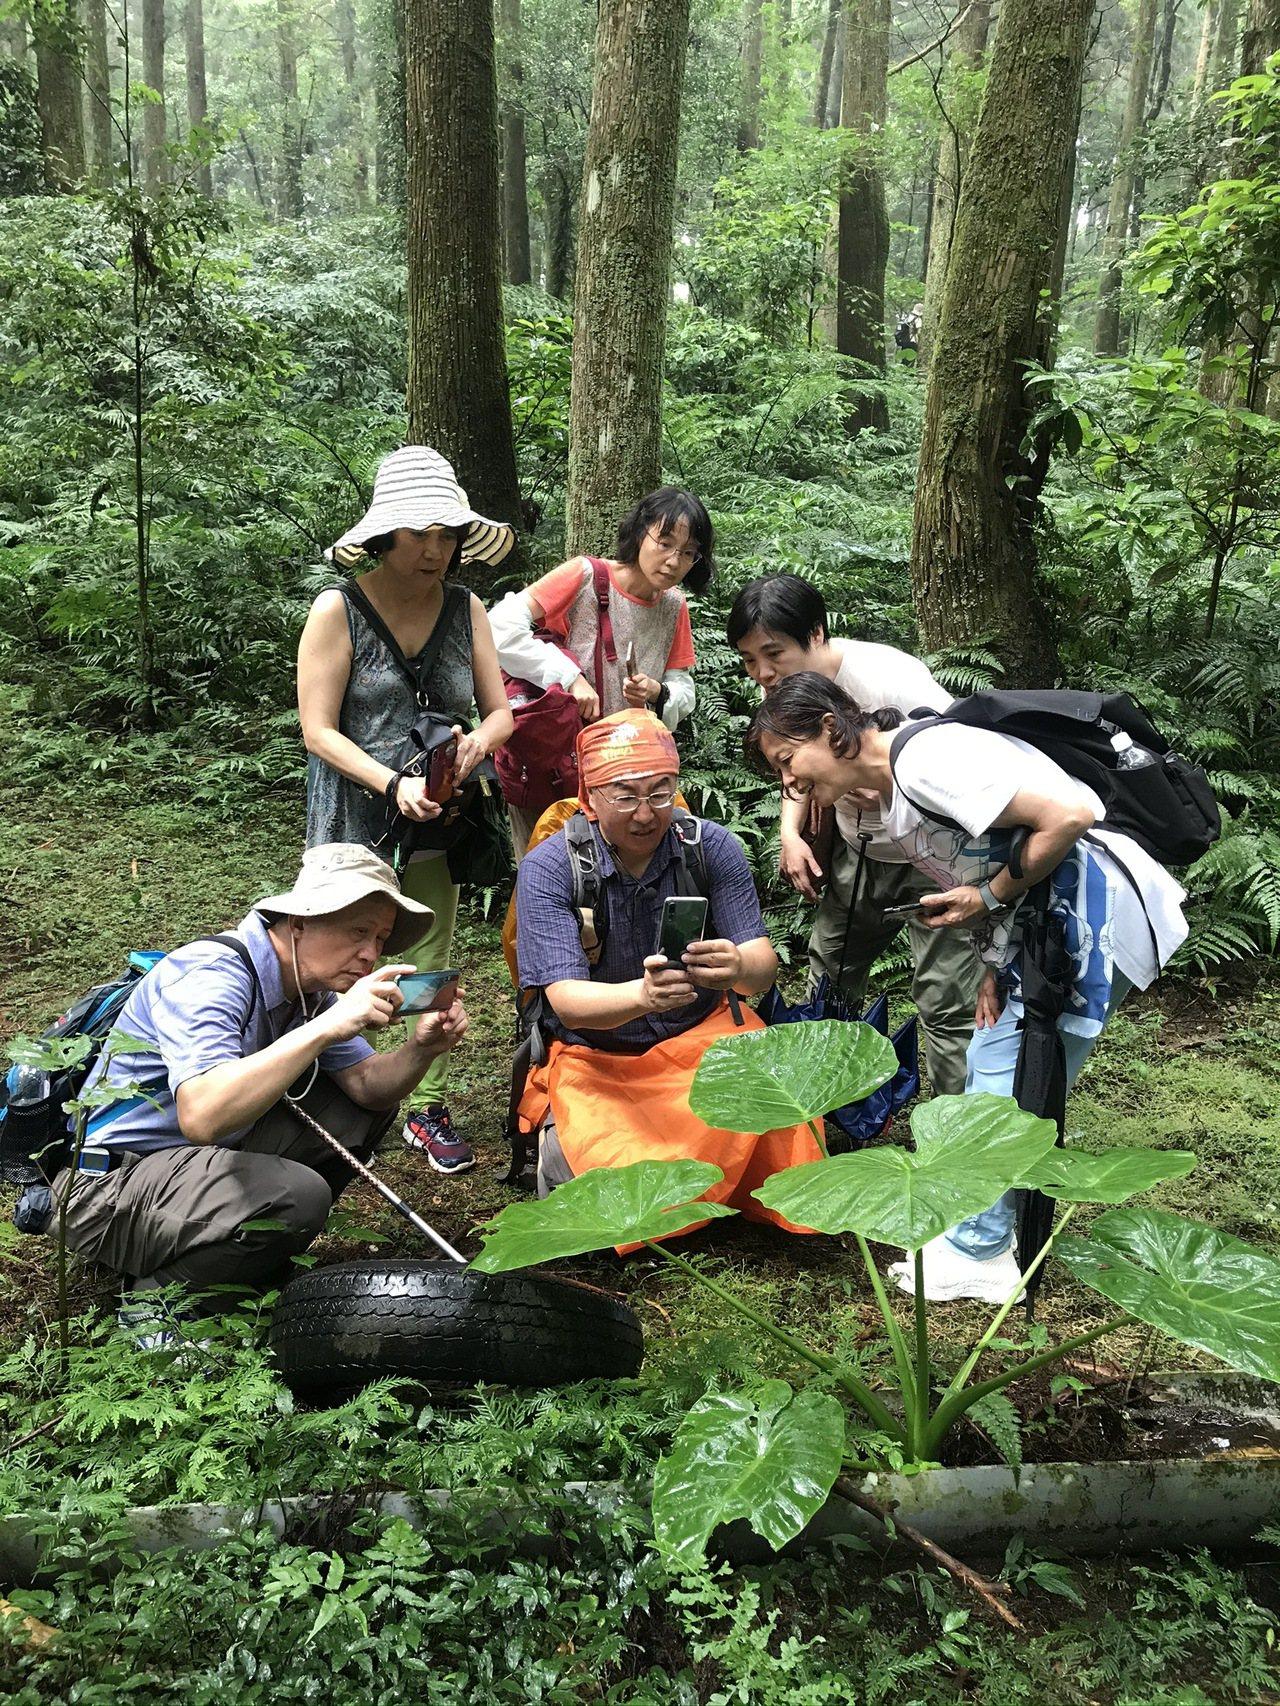 祥哥教學員近物攝影,拍出植物葉面的光影層次感。圖/林育如攝影